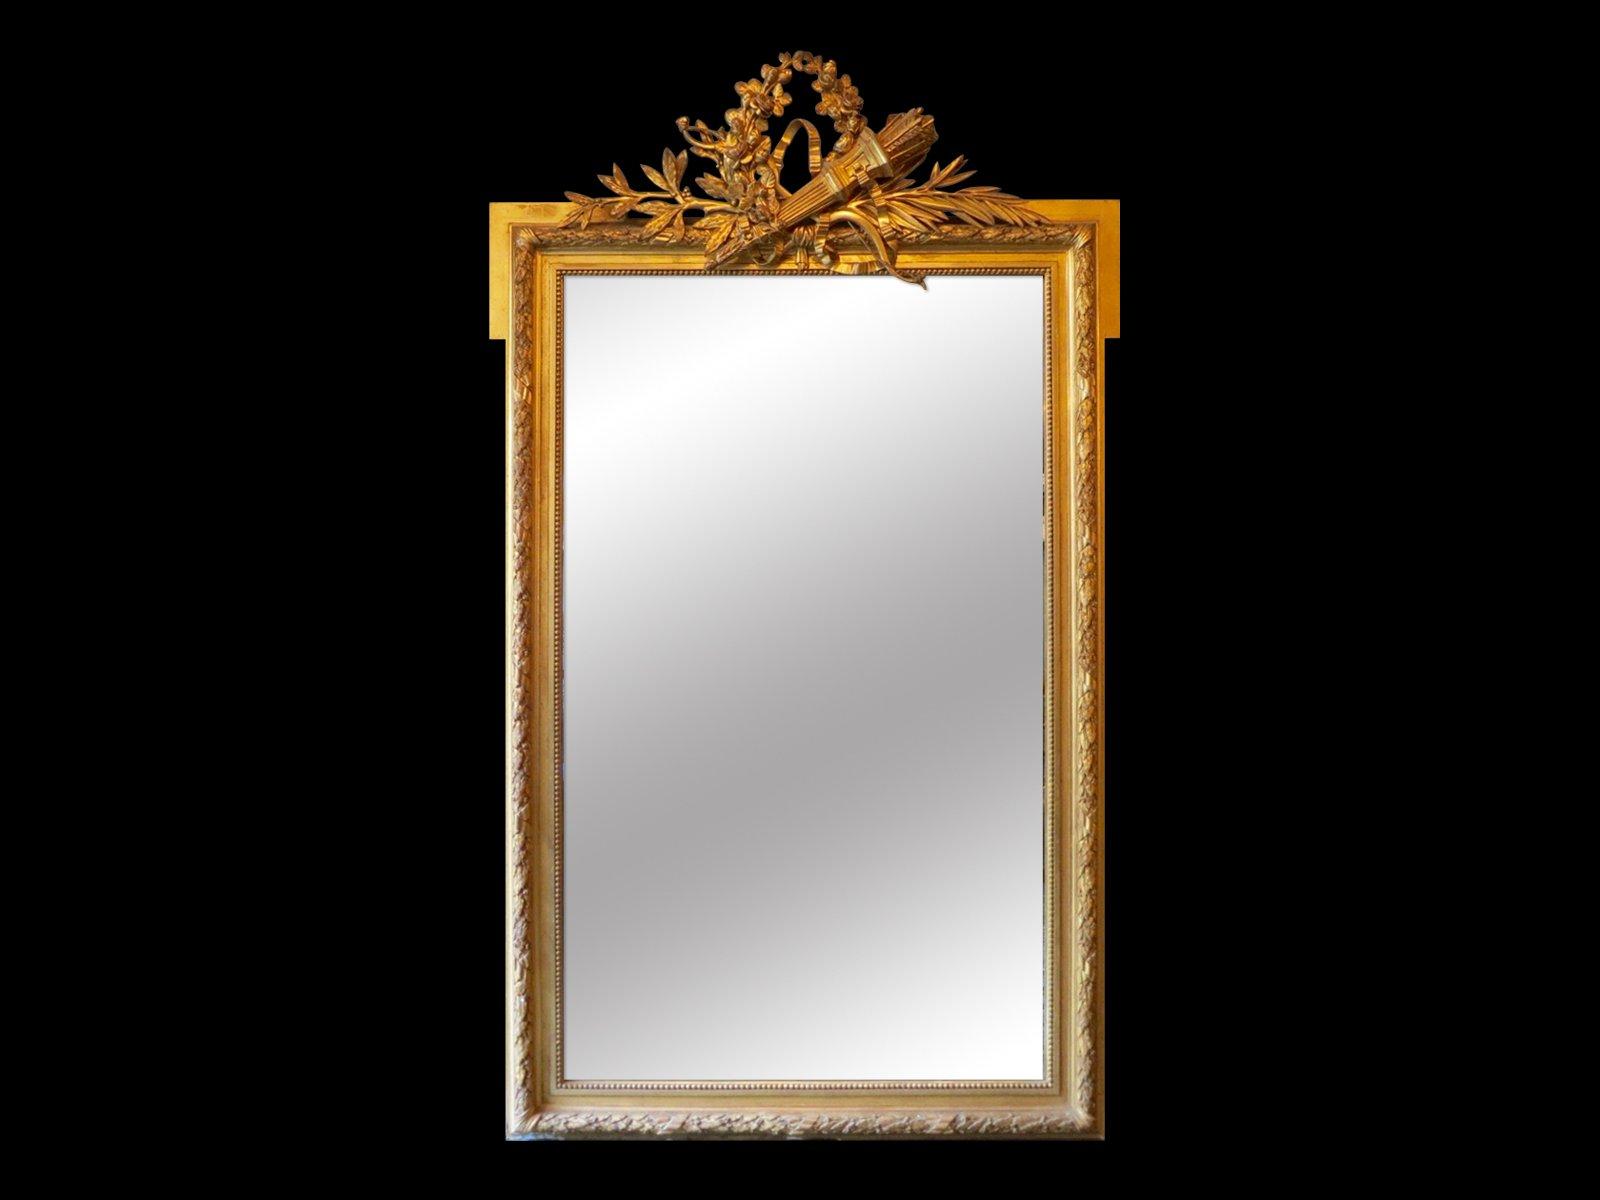 specchio antico dorato francia in vendita su pamono